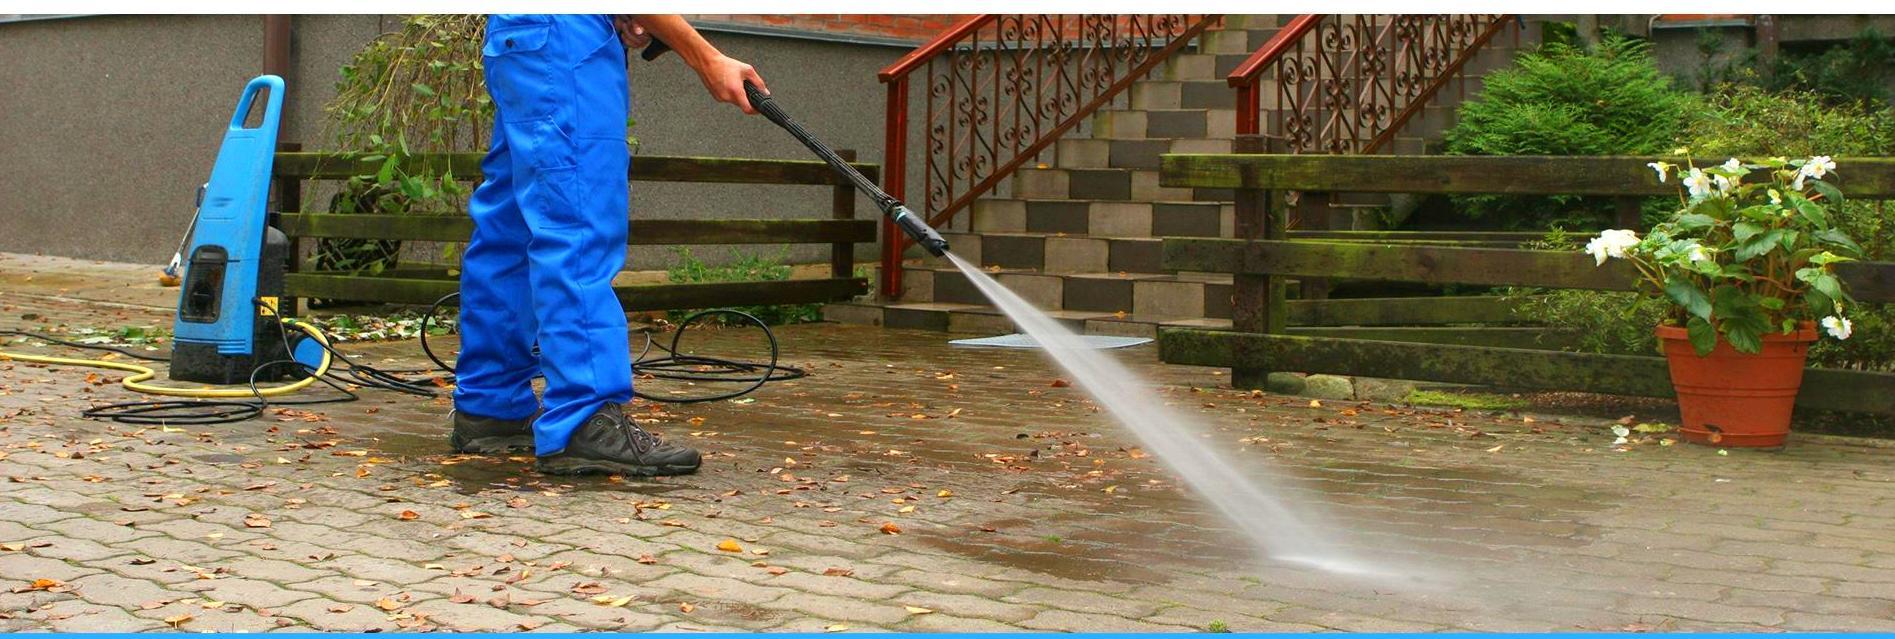 Foto 9 de Limpieza (empresas) en Guadarrama | LIMGESMA